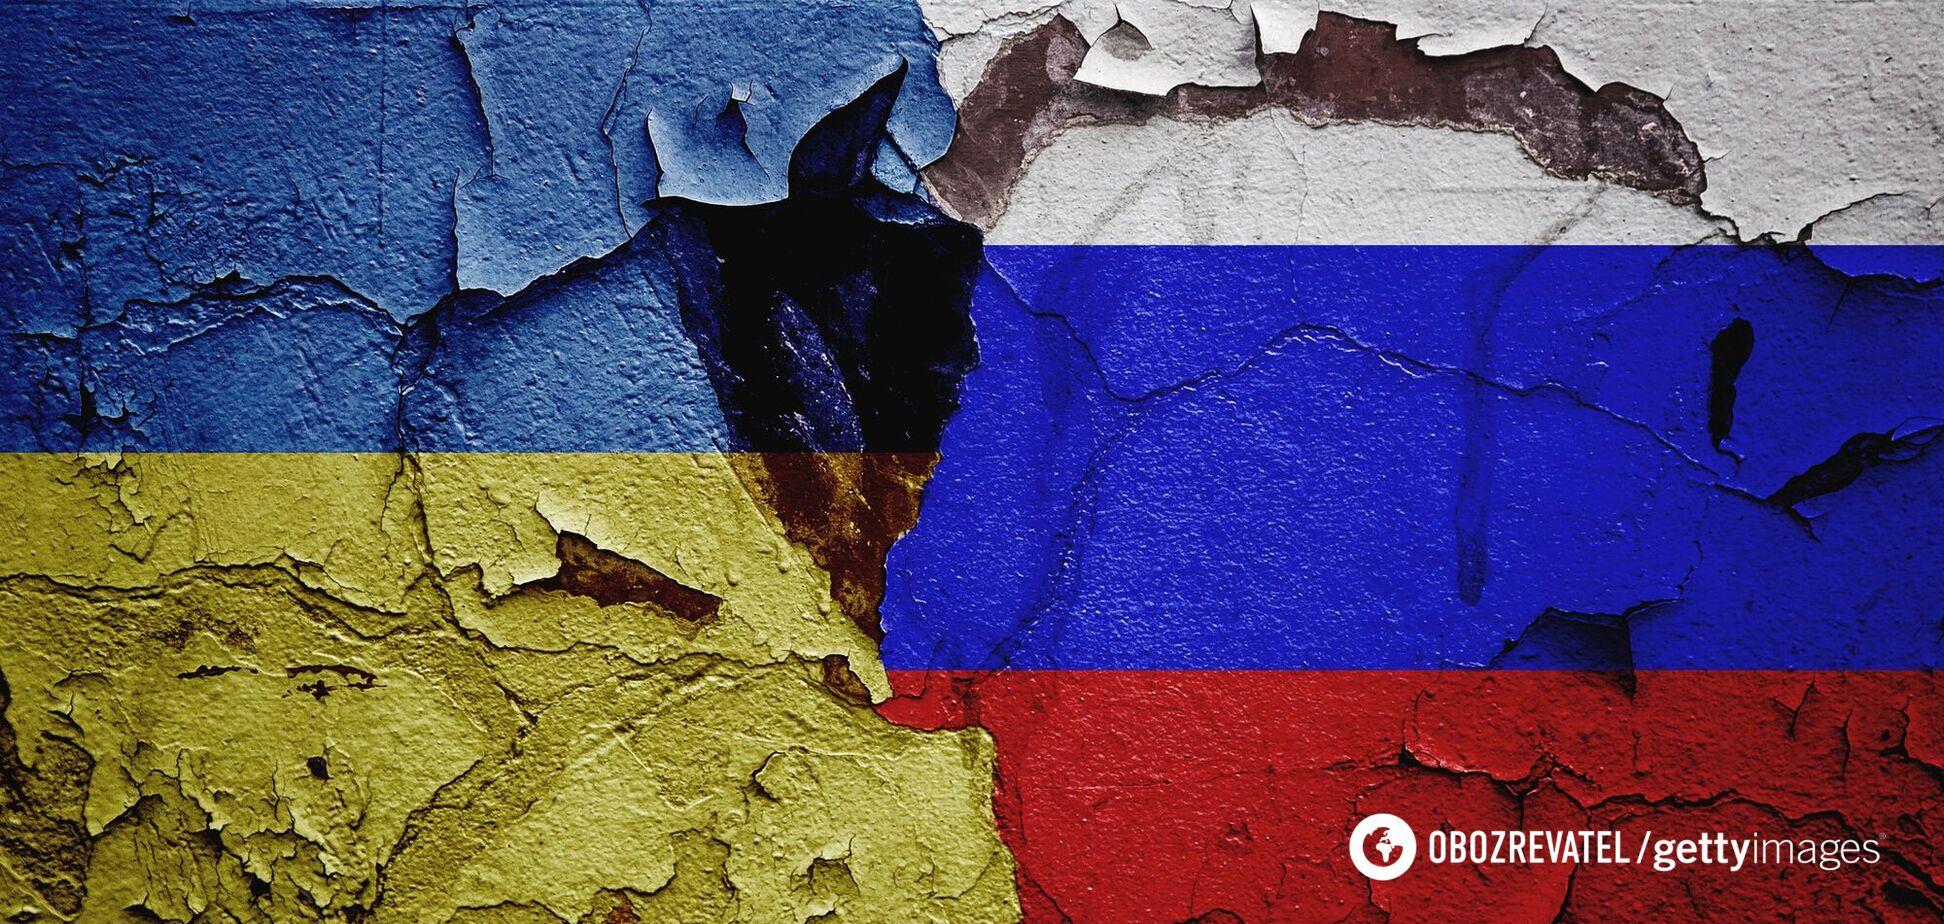 Переговори по Донбасу: банка варення для 'Слуги народу' в обмін на капітуляцію